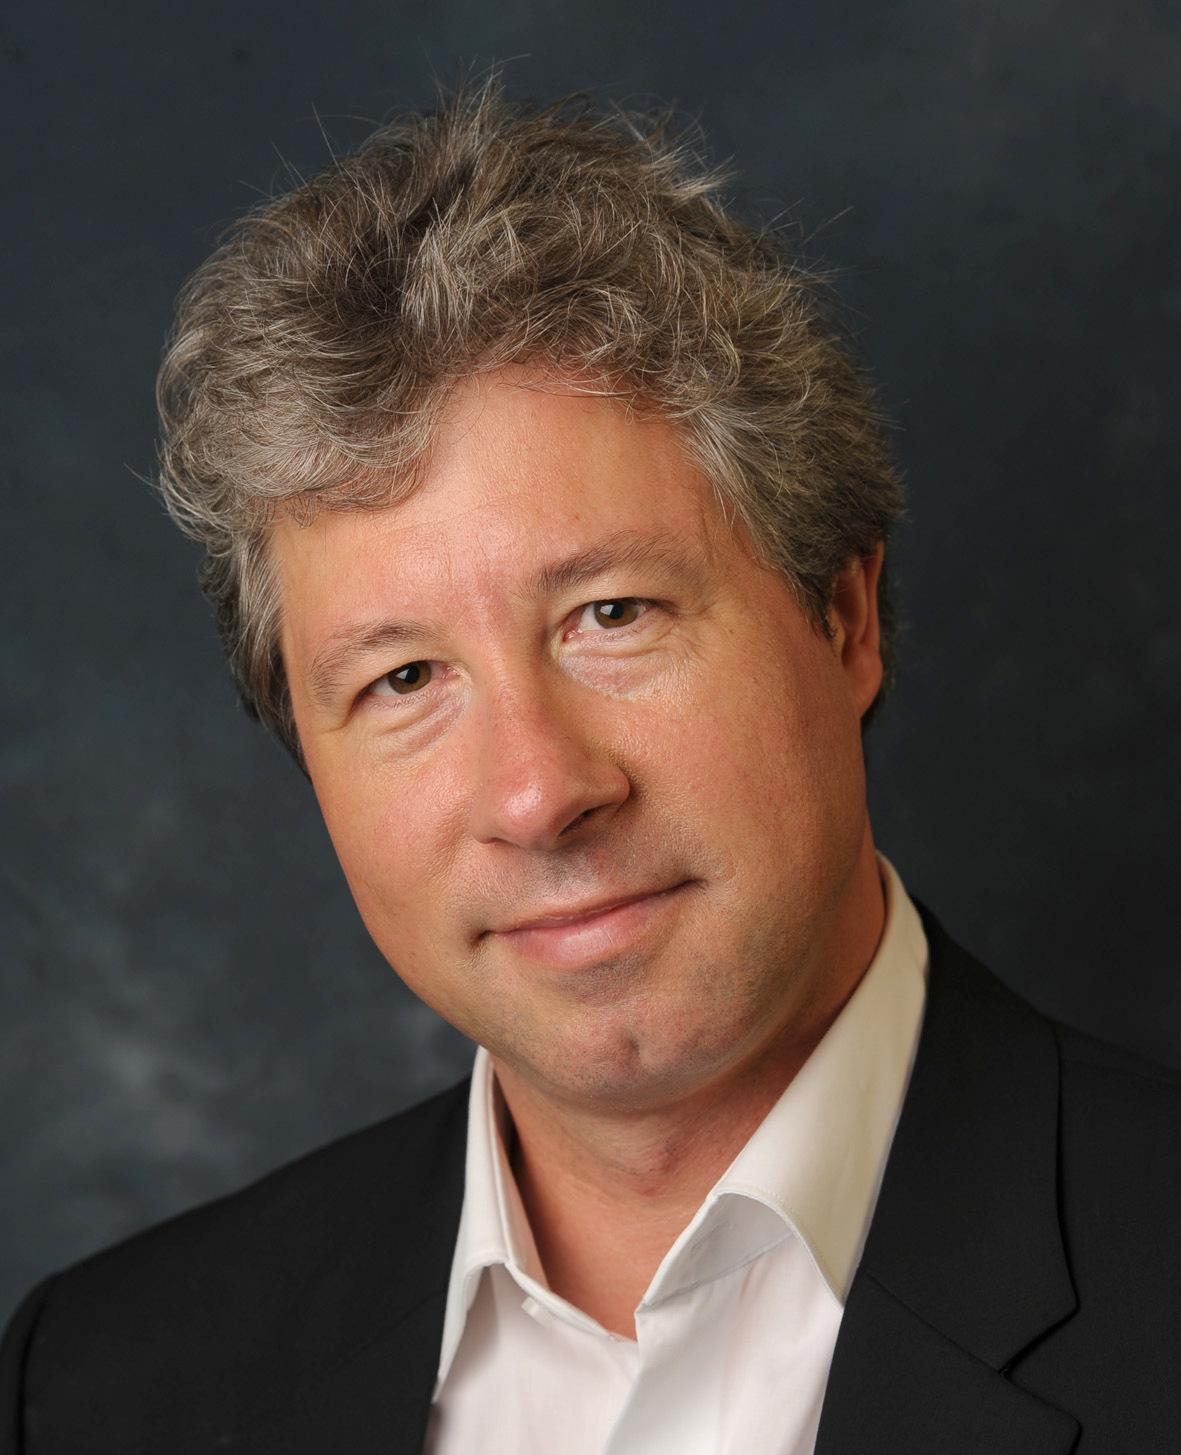 Professor Erik Verlinde, University of Amsterdam, Delta Institute for Theoretical Physics. Image credit: University of Amsterdam.